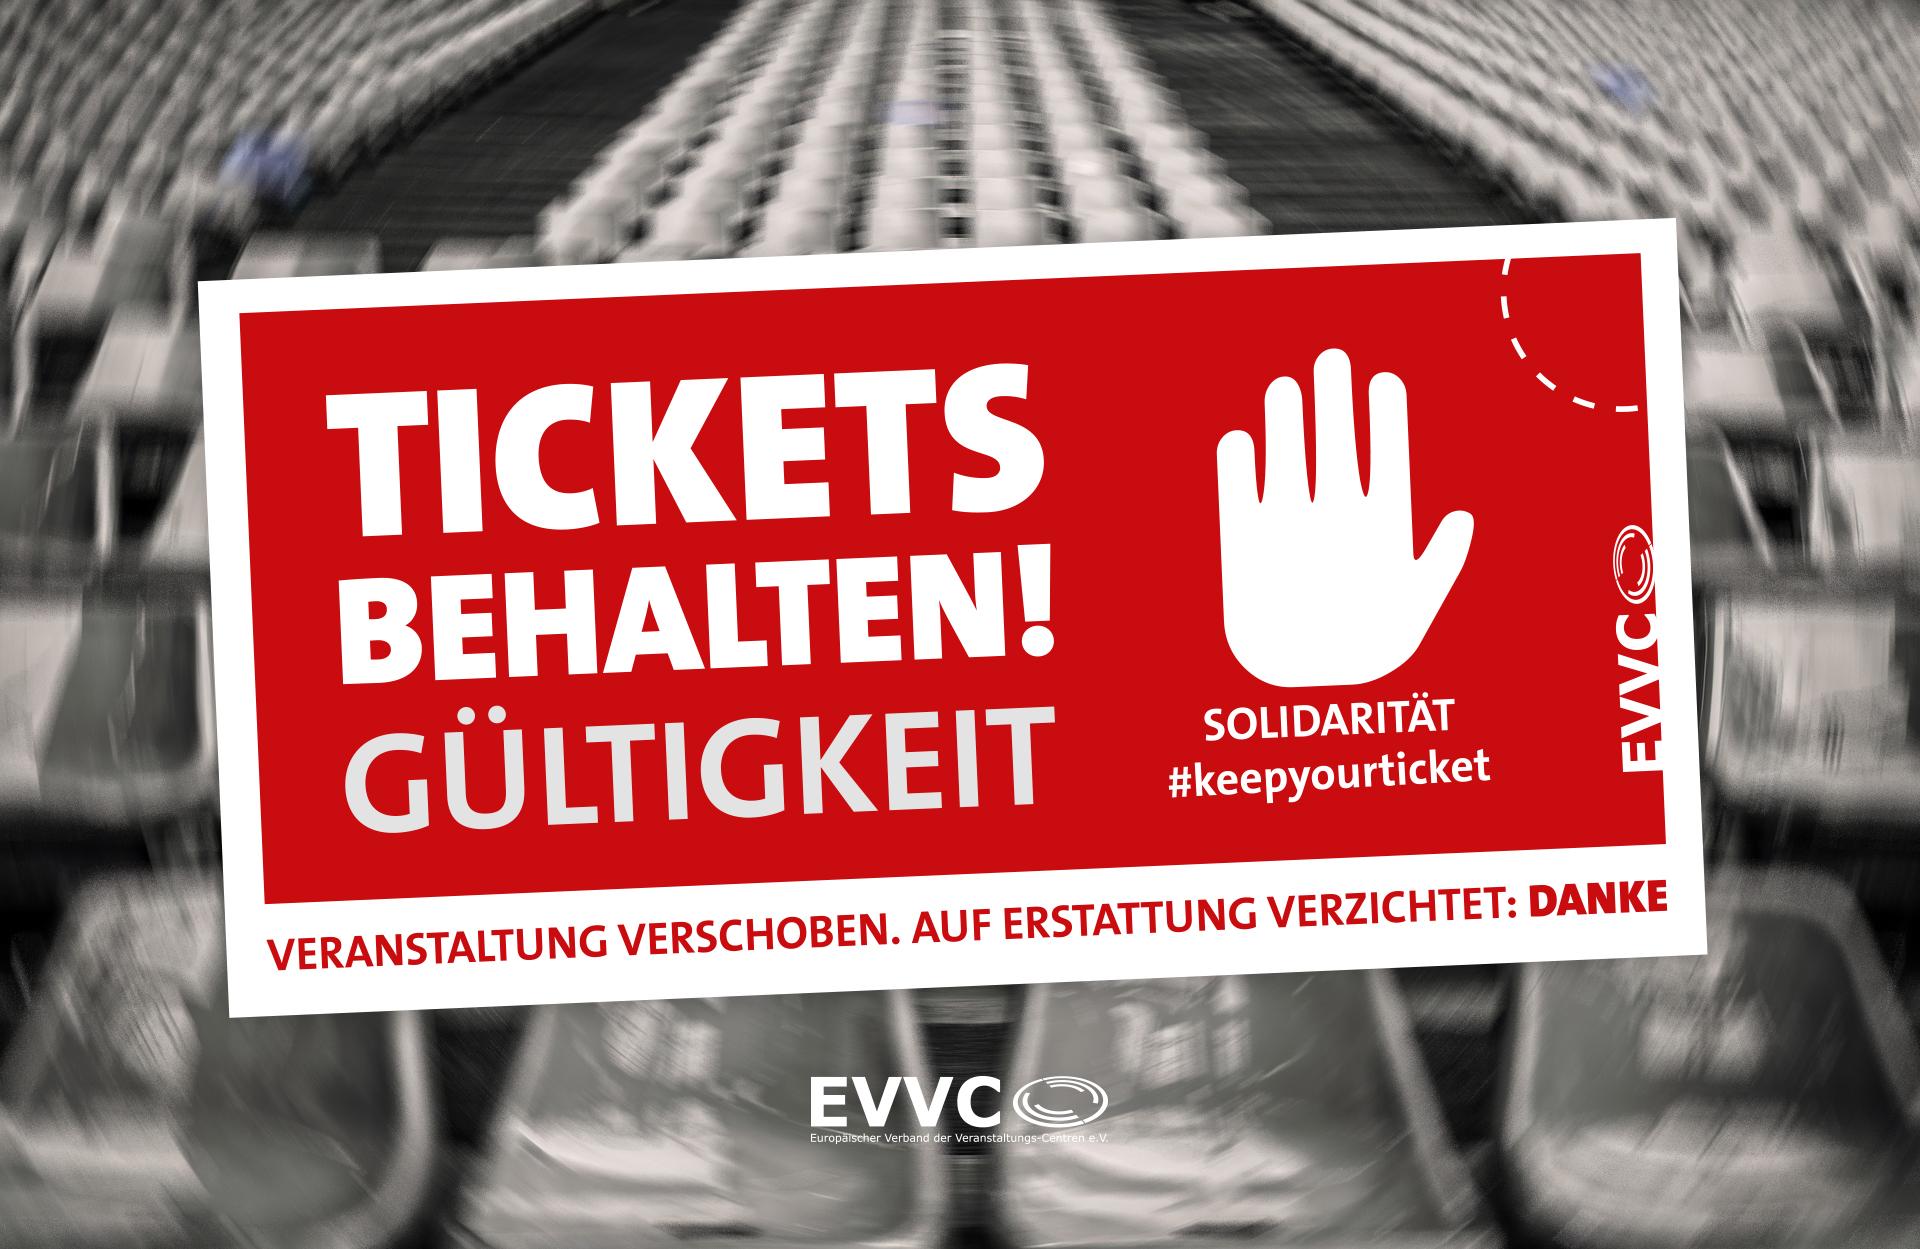 Tickets behalten